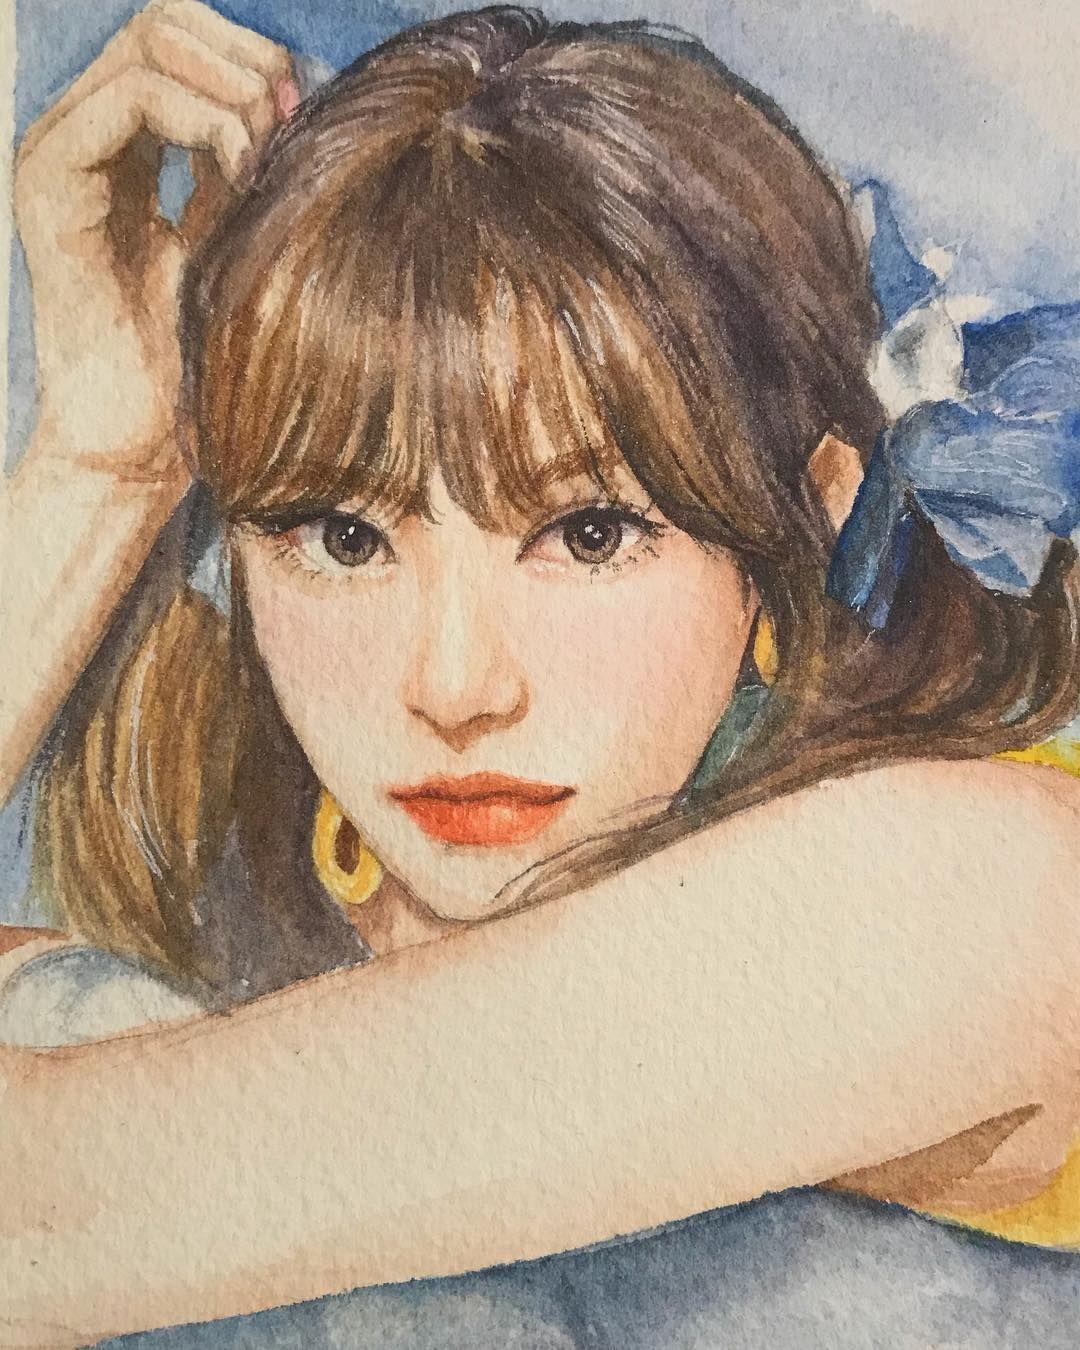 đến Cả Idol Kpop Cũng Phải Trầm Trồ Trước Tai Fan Art Của Cac Fan Wendy Vyoanh Ghim Của Vyoanh Lấy Follow Kpop Fanart Art Kpop Drawings